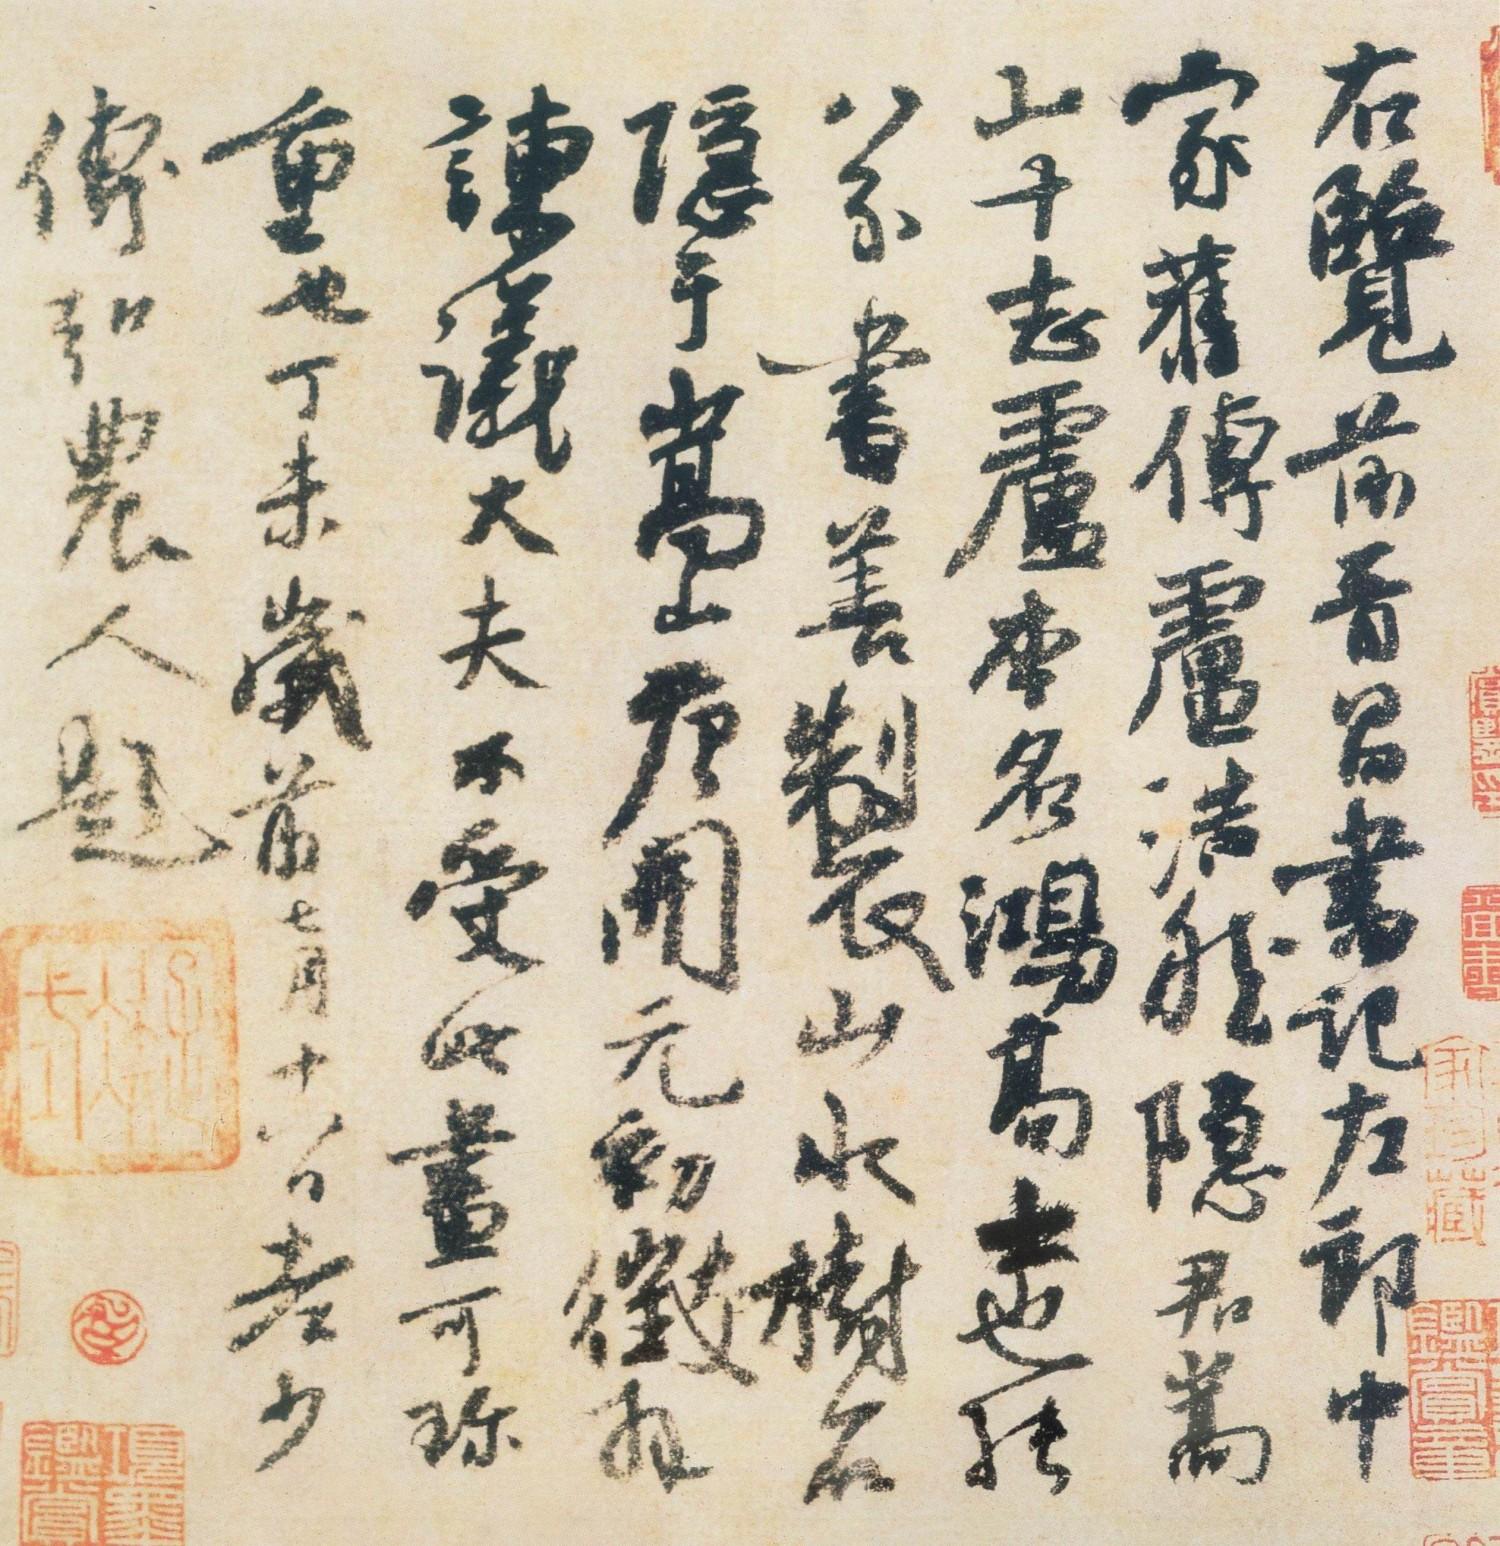 《卢鸿草堂十志图跋》台北故宫博物院藏